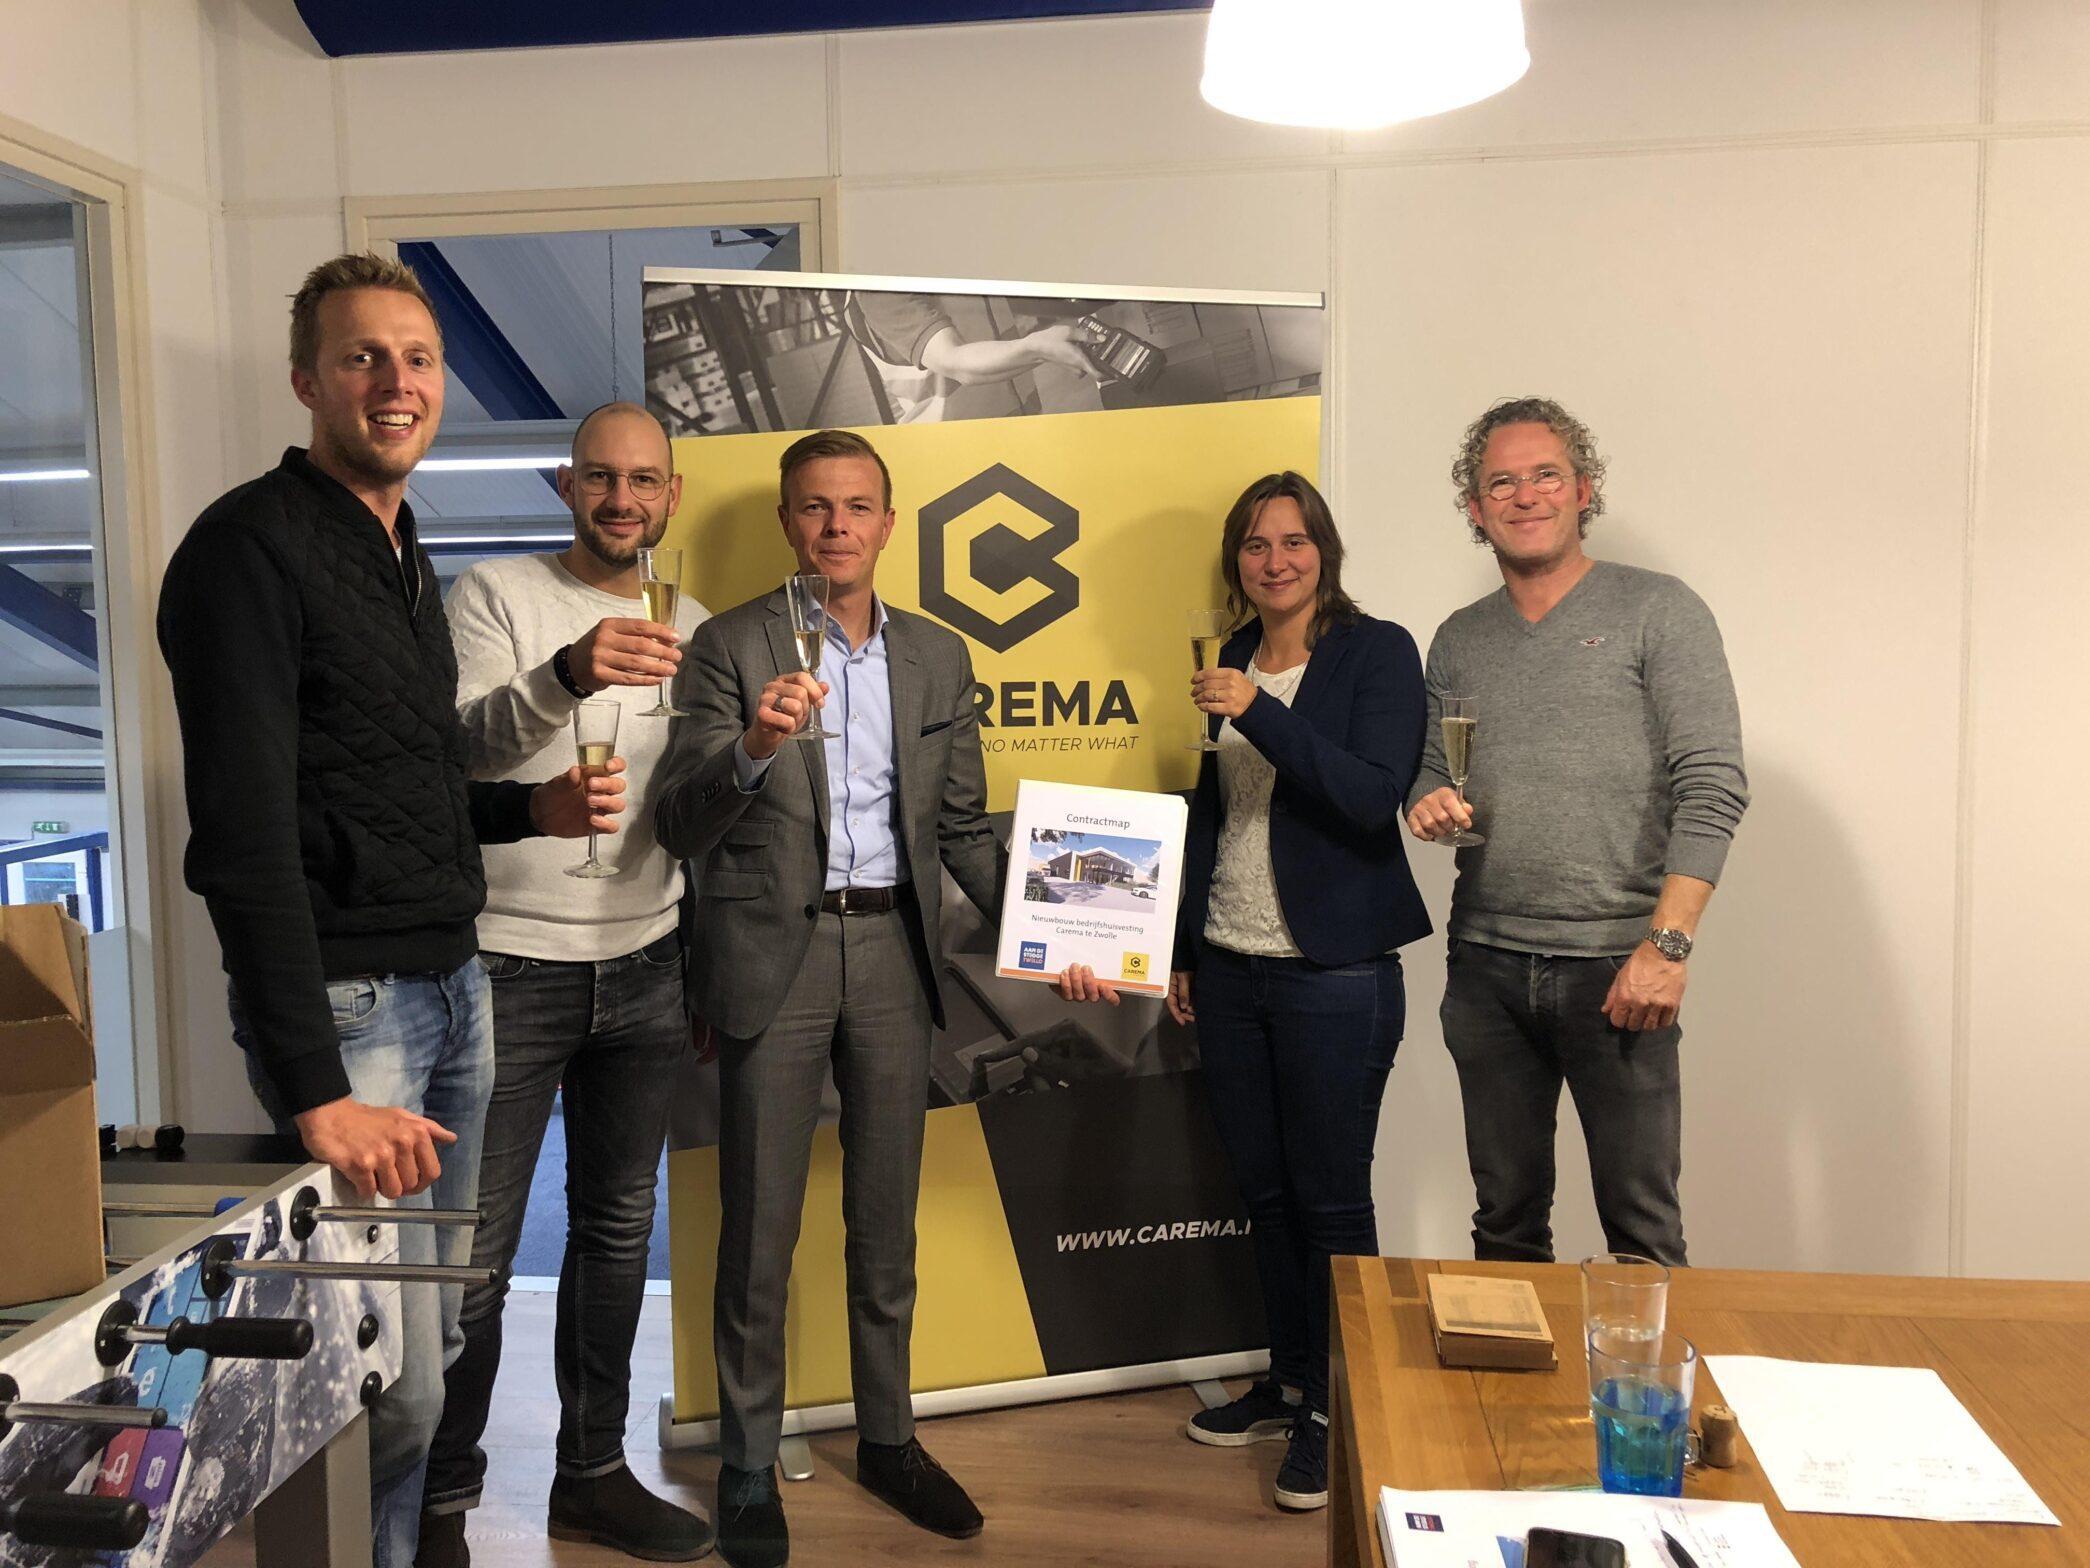 Contractondertekening nieuwbouw bedrijfspand Carema Zwolle